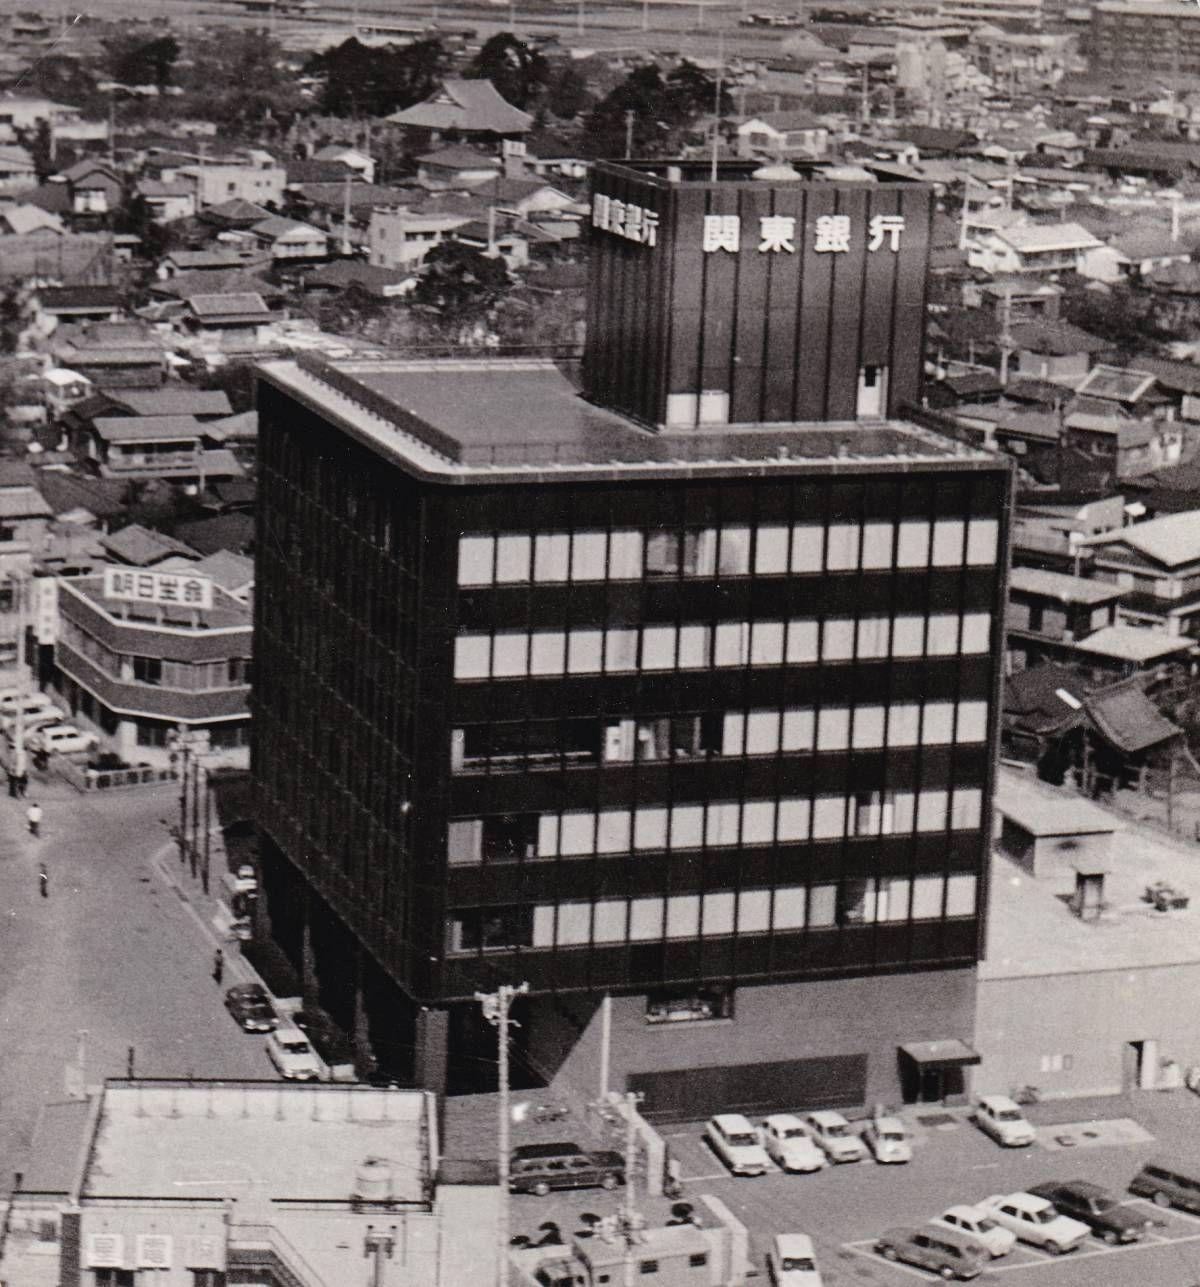 古い写真 関東銀行建物 茨城県土浦市か 金融資料写真 ヤフオク 古い写真 茨城 写真